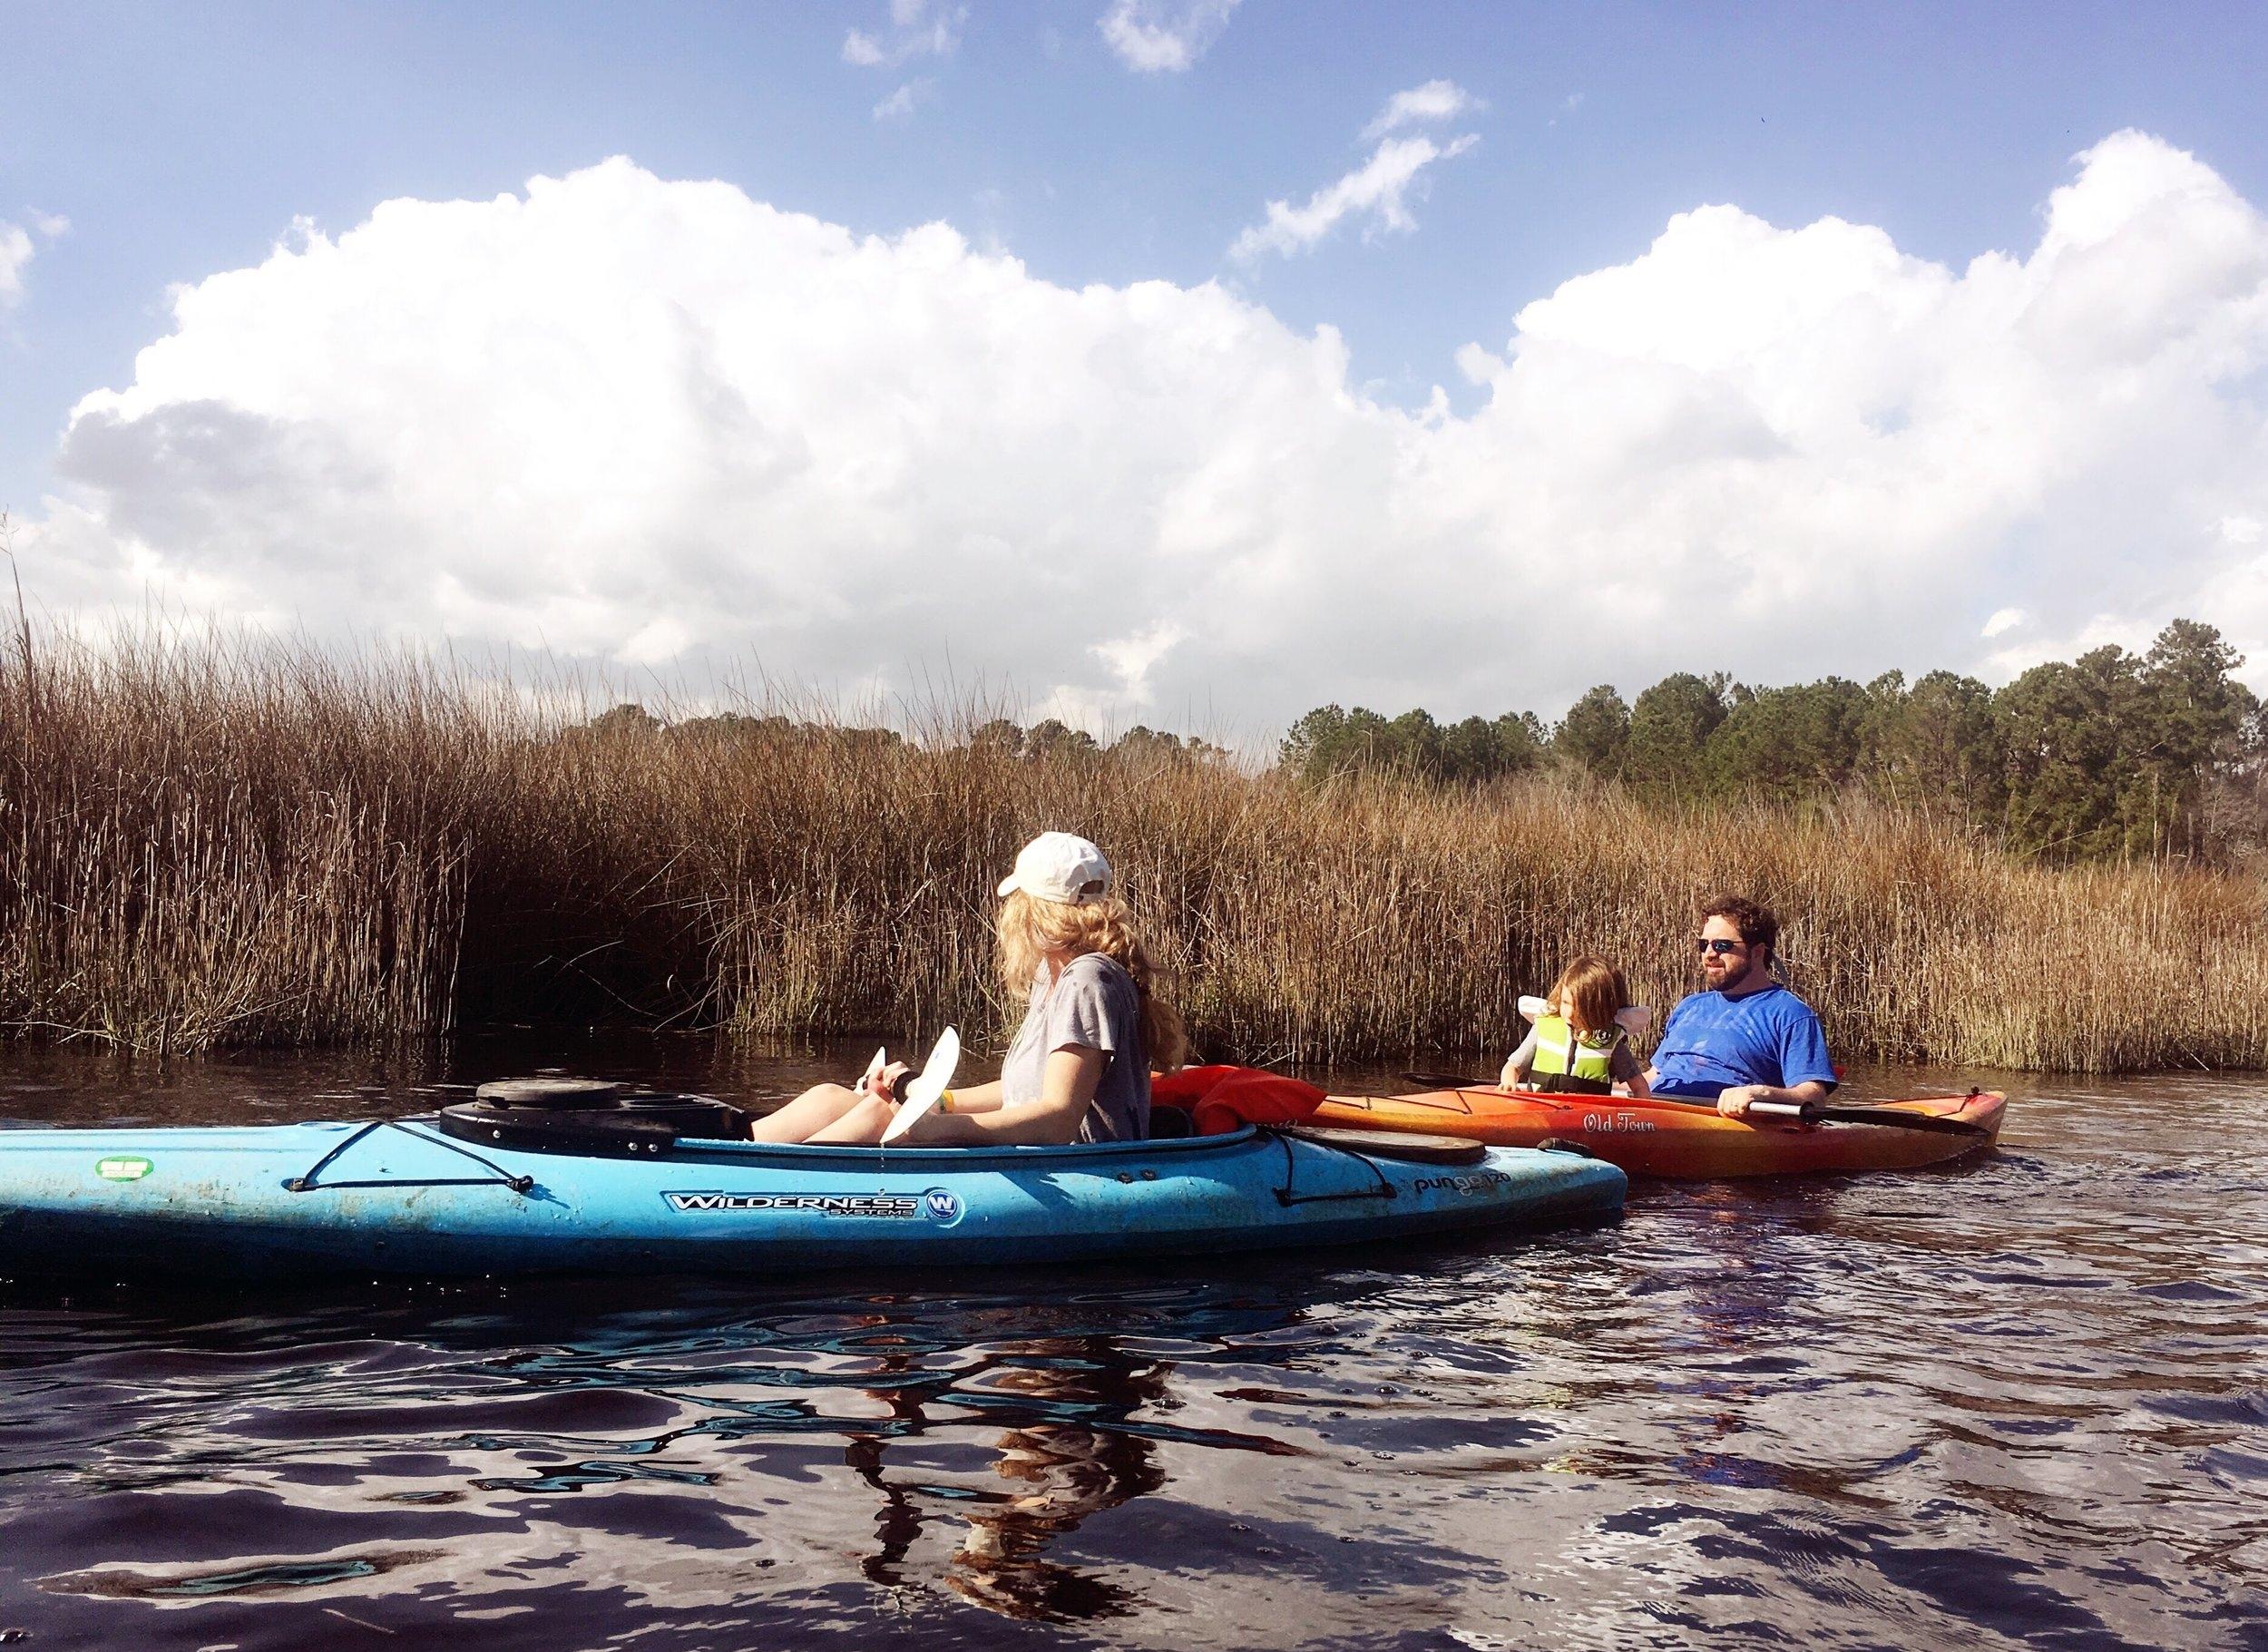 kayaking on the tidal creek